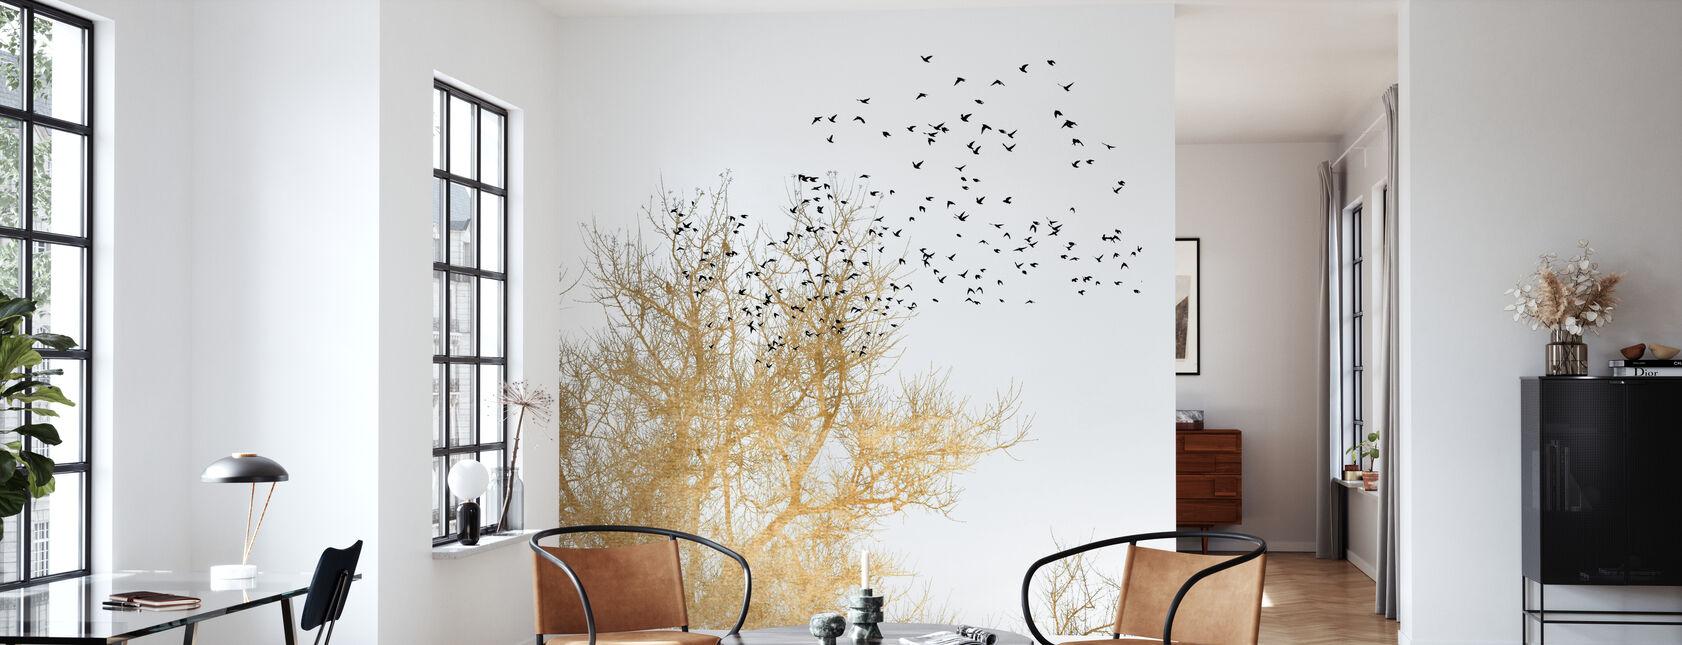 Goldene Vögel - Tapete - Wohnzimmer